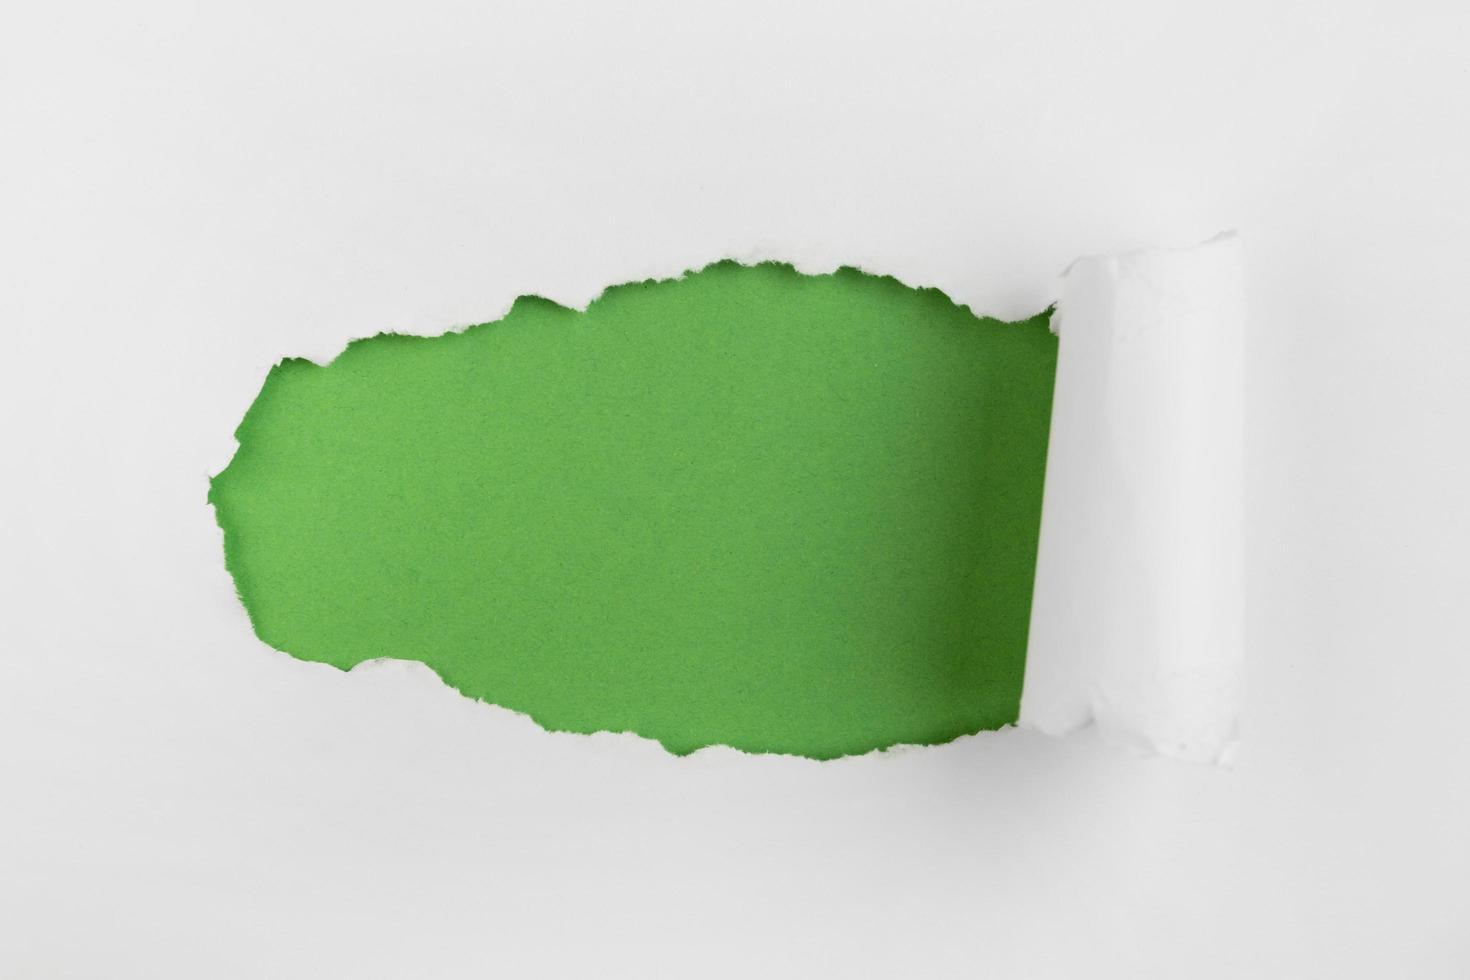 afgebrokkelde Groenboekachtergrond foto